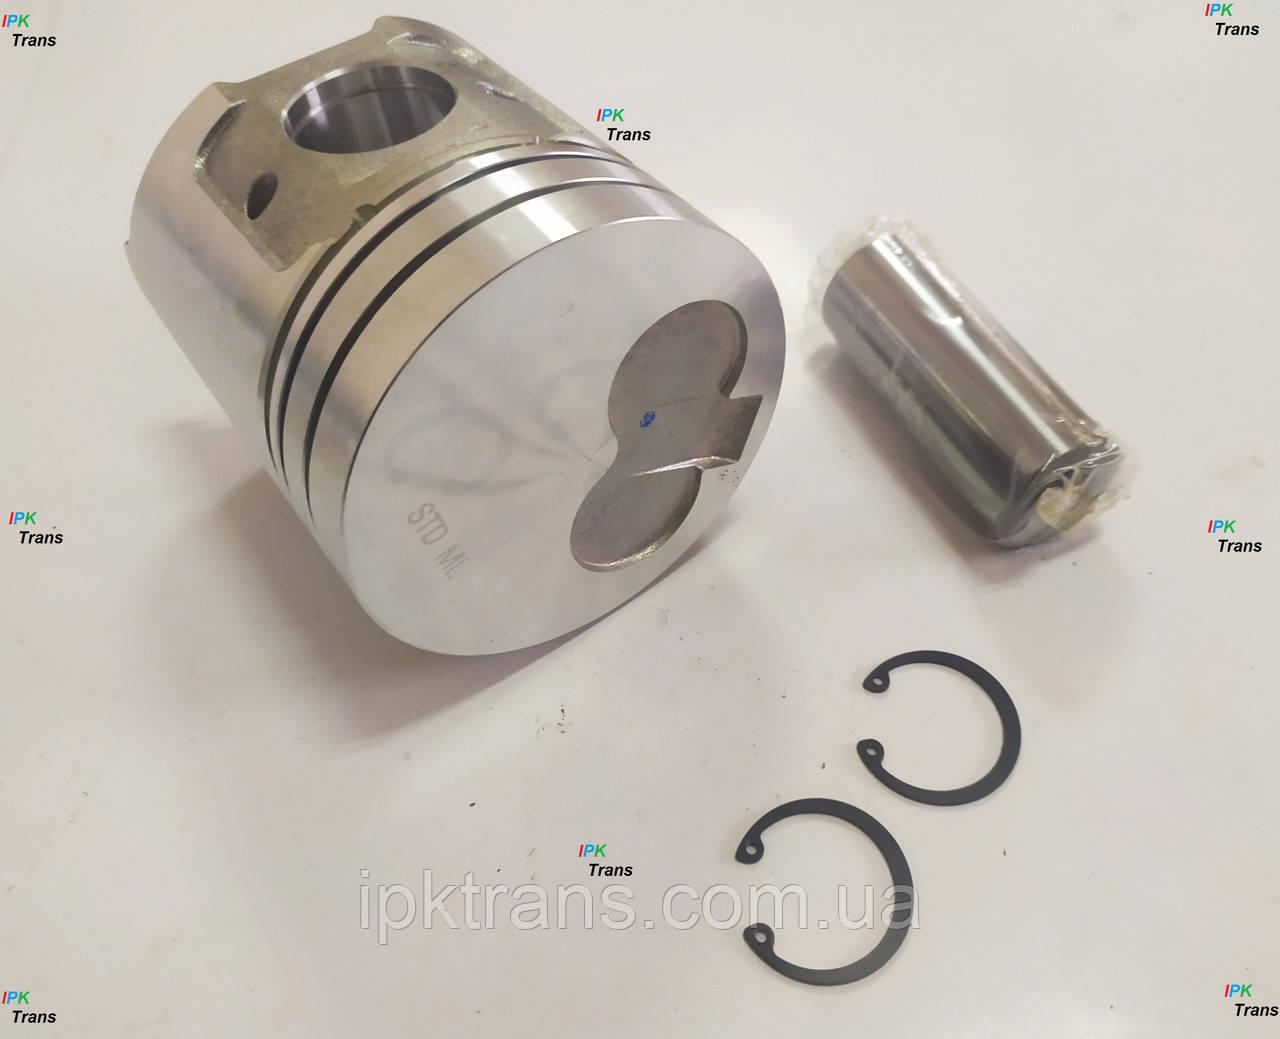 Поршень двигателя YANMAR 4TNE94 STD № YM129931-22100 / 12993122100